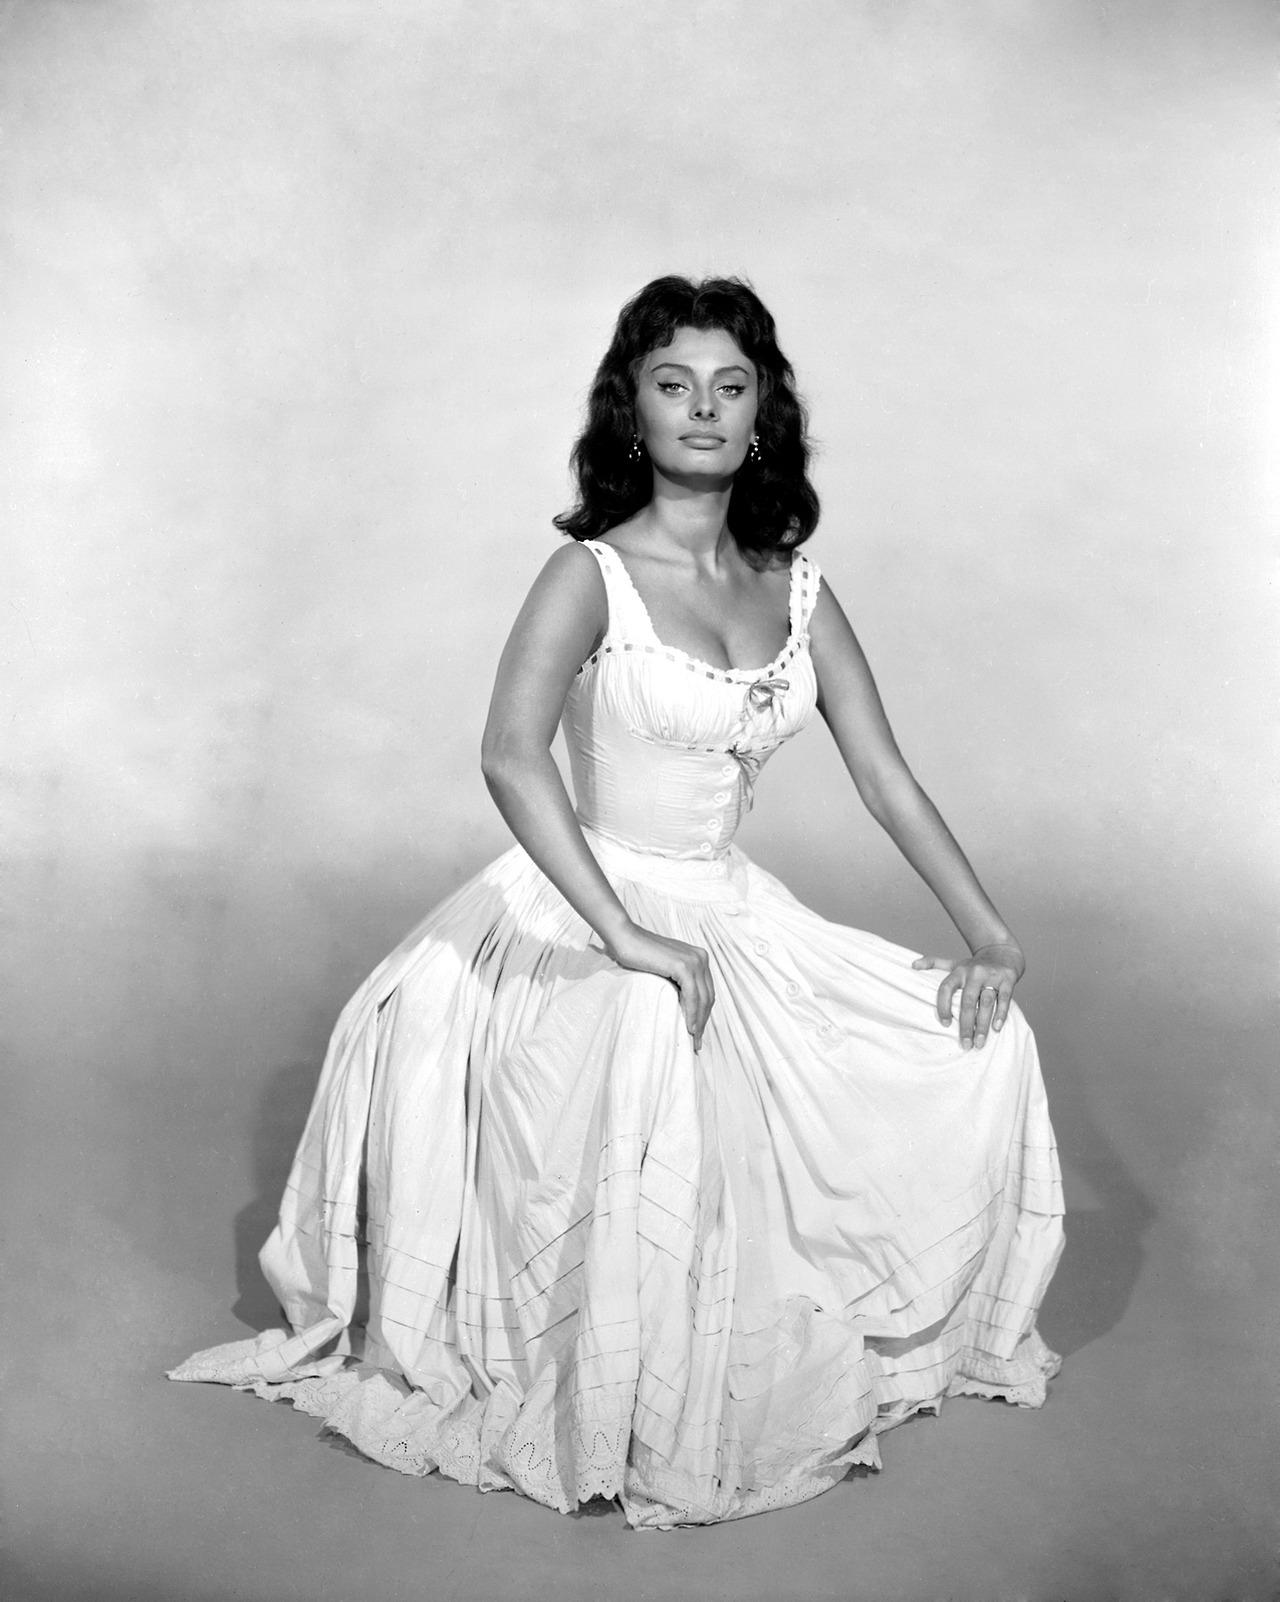 Sophia Loren1 Jan 1958